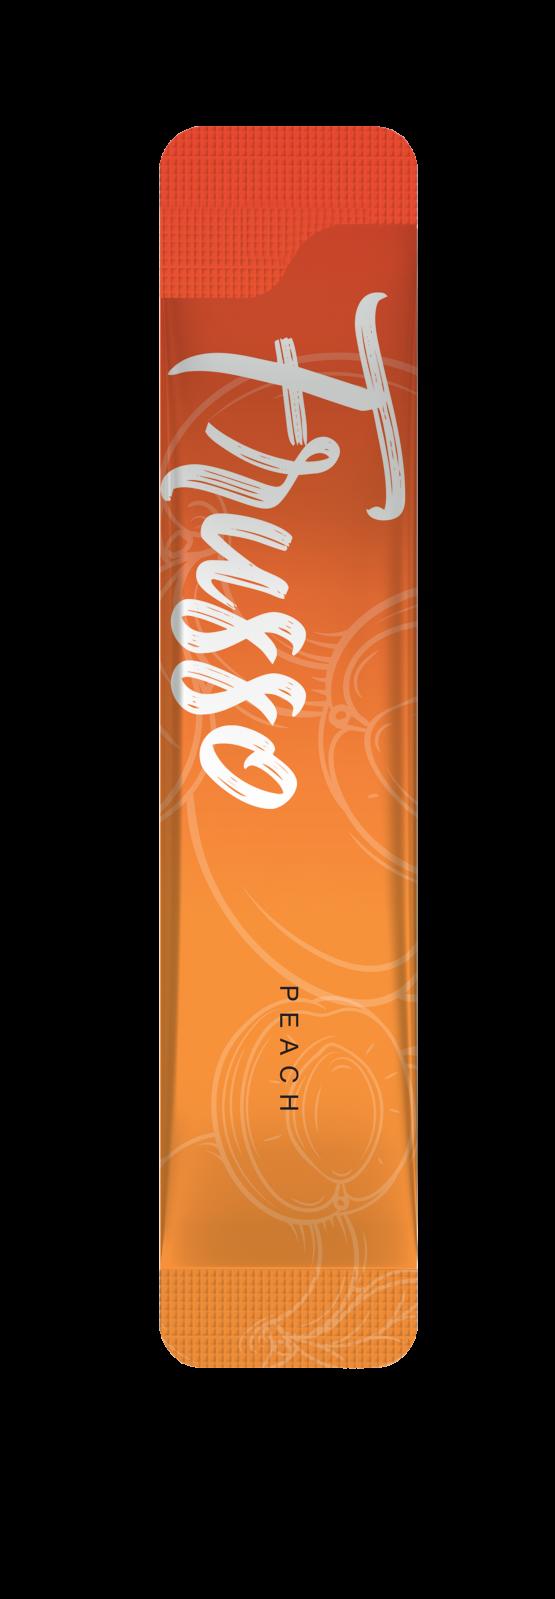 Wellous-Singapore-Frusso sachet-Lemon-MyVpsGroup-4